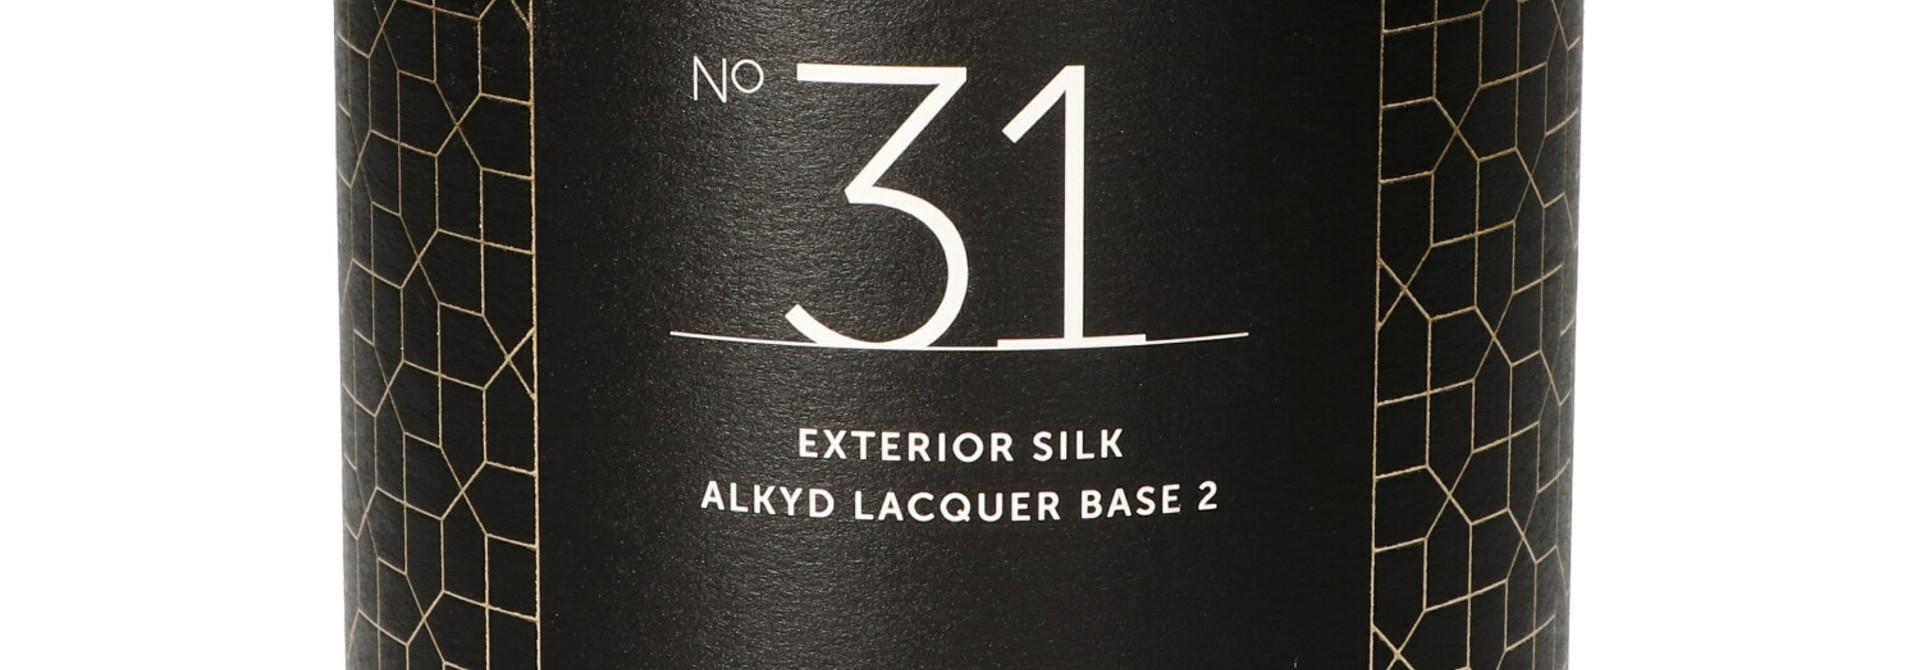 No. 31 EXTERIOR SILK alkyd - 1L